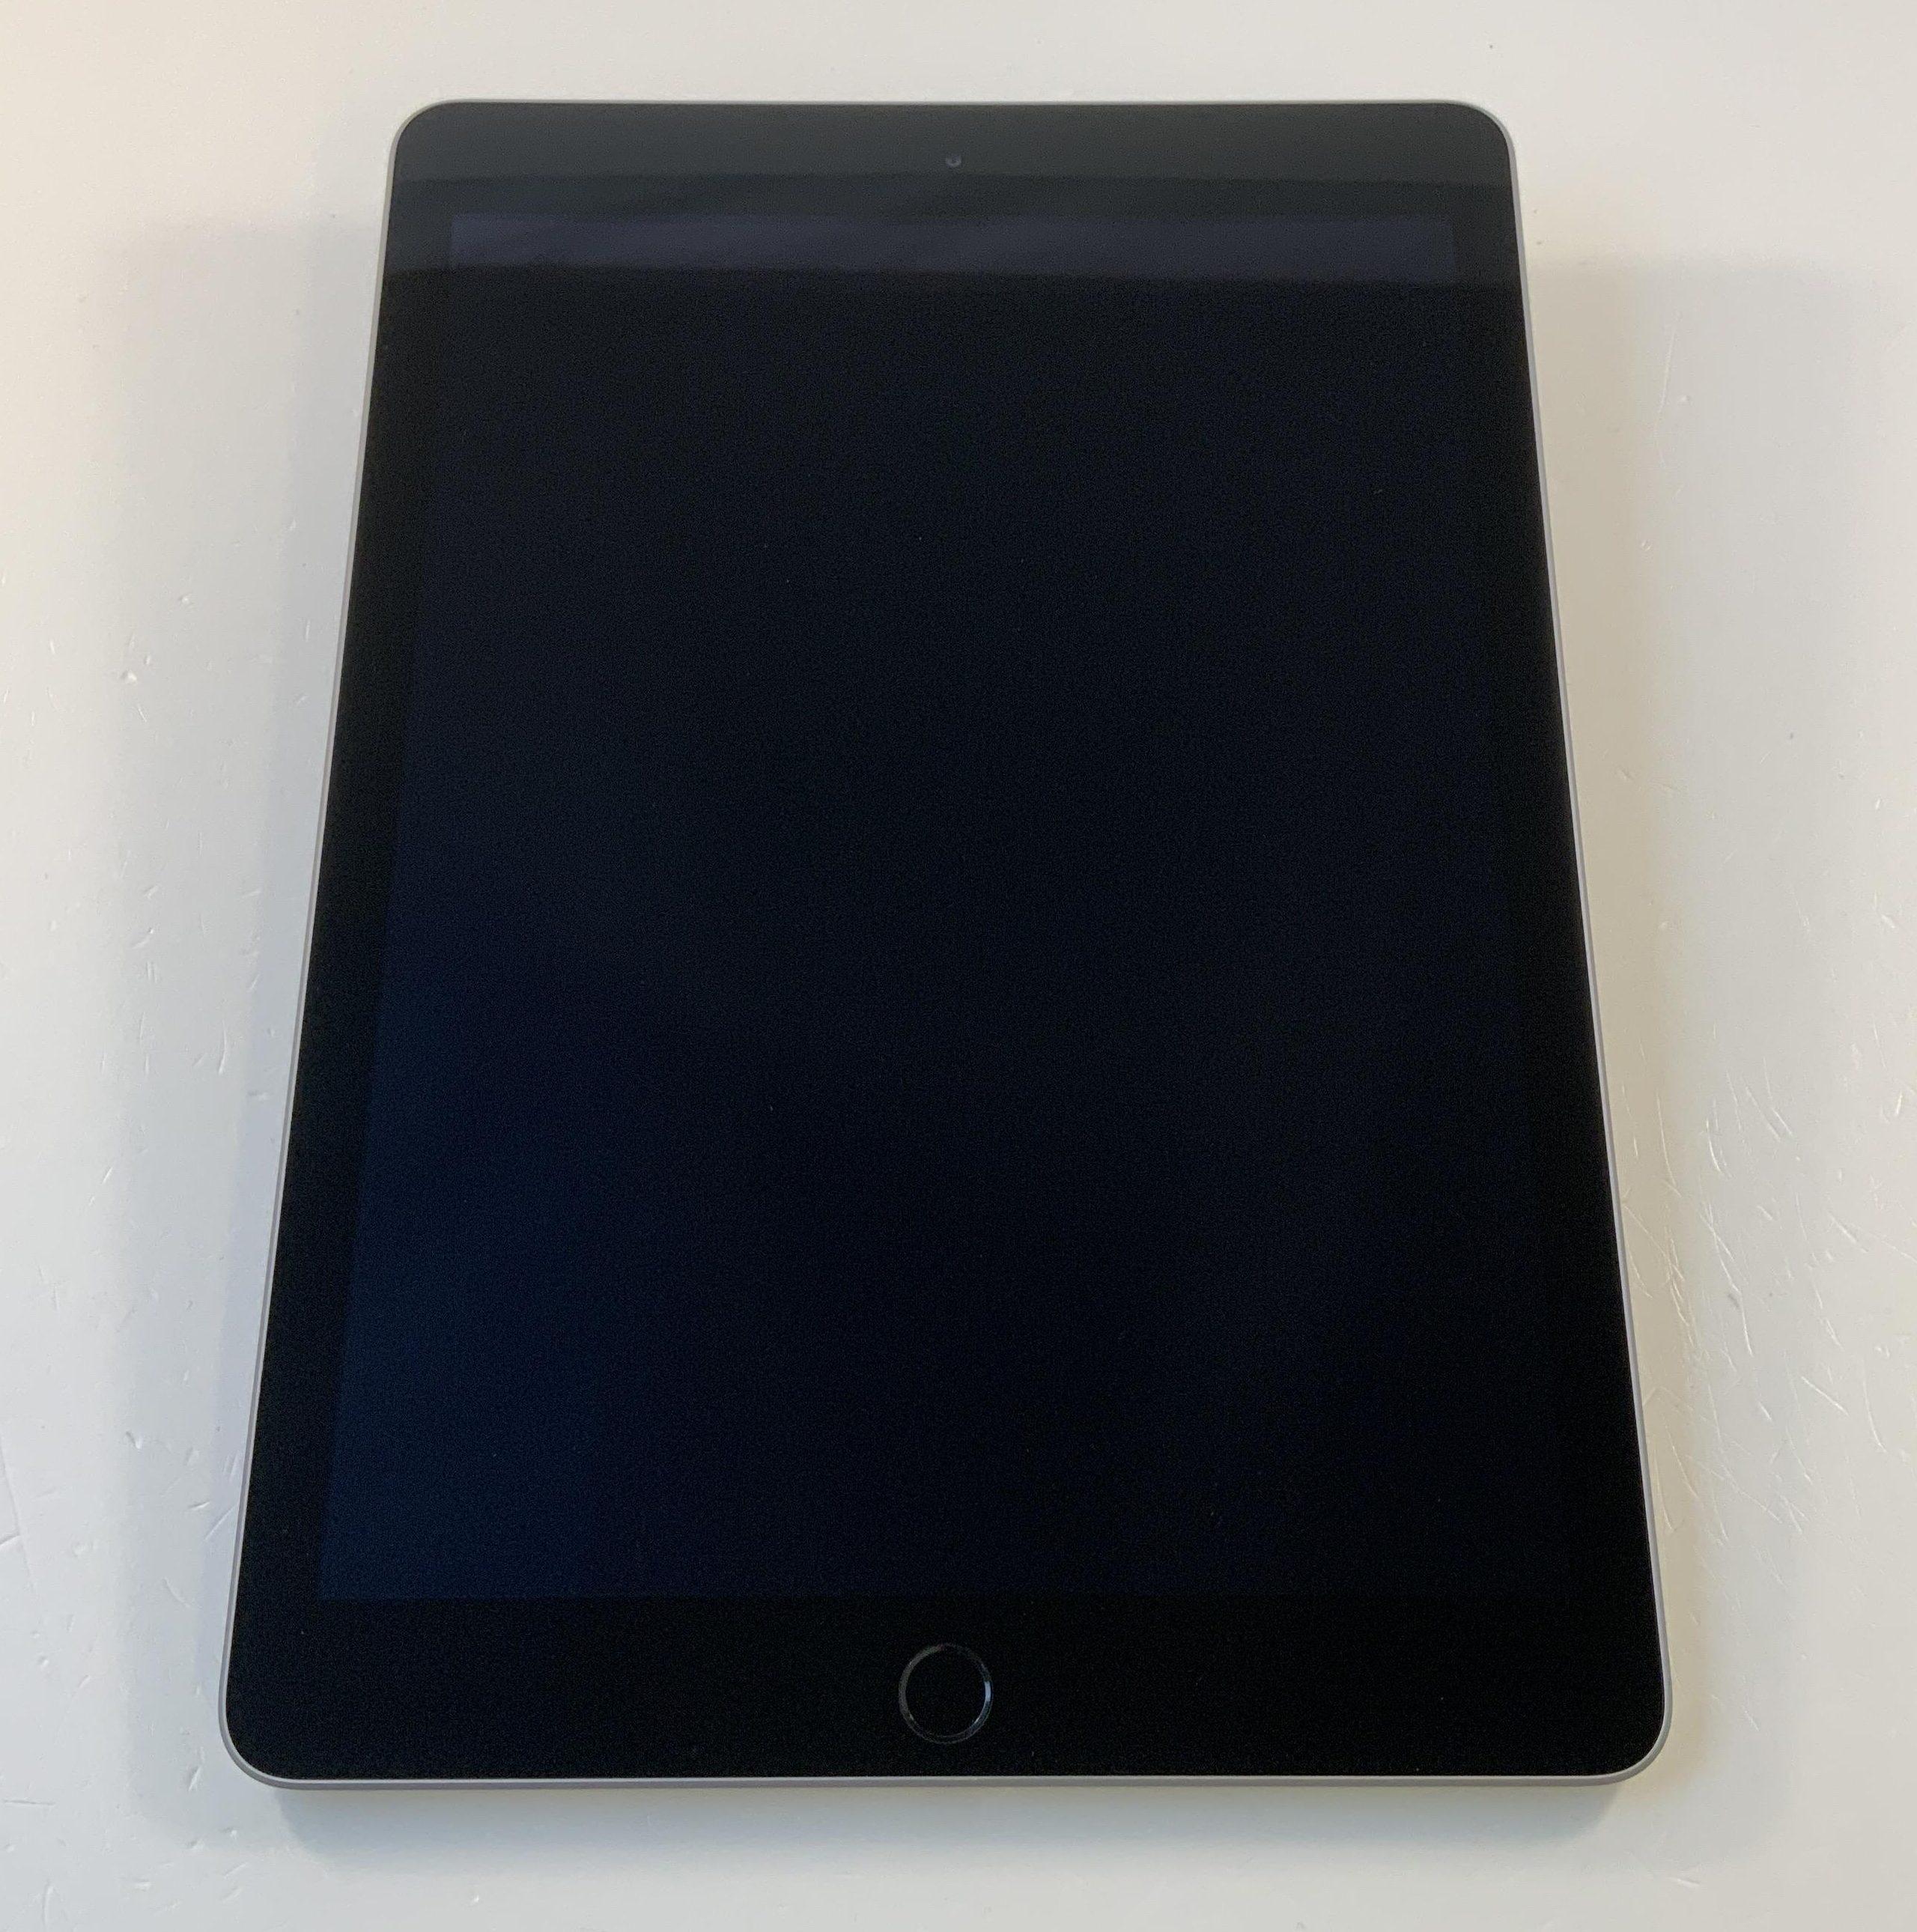 iPad 5 Wi-Fi 32GB, 32GB, Space Gray, Afbeelding 1